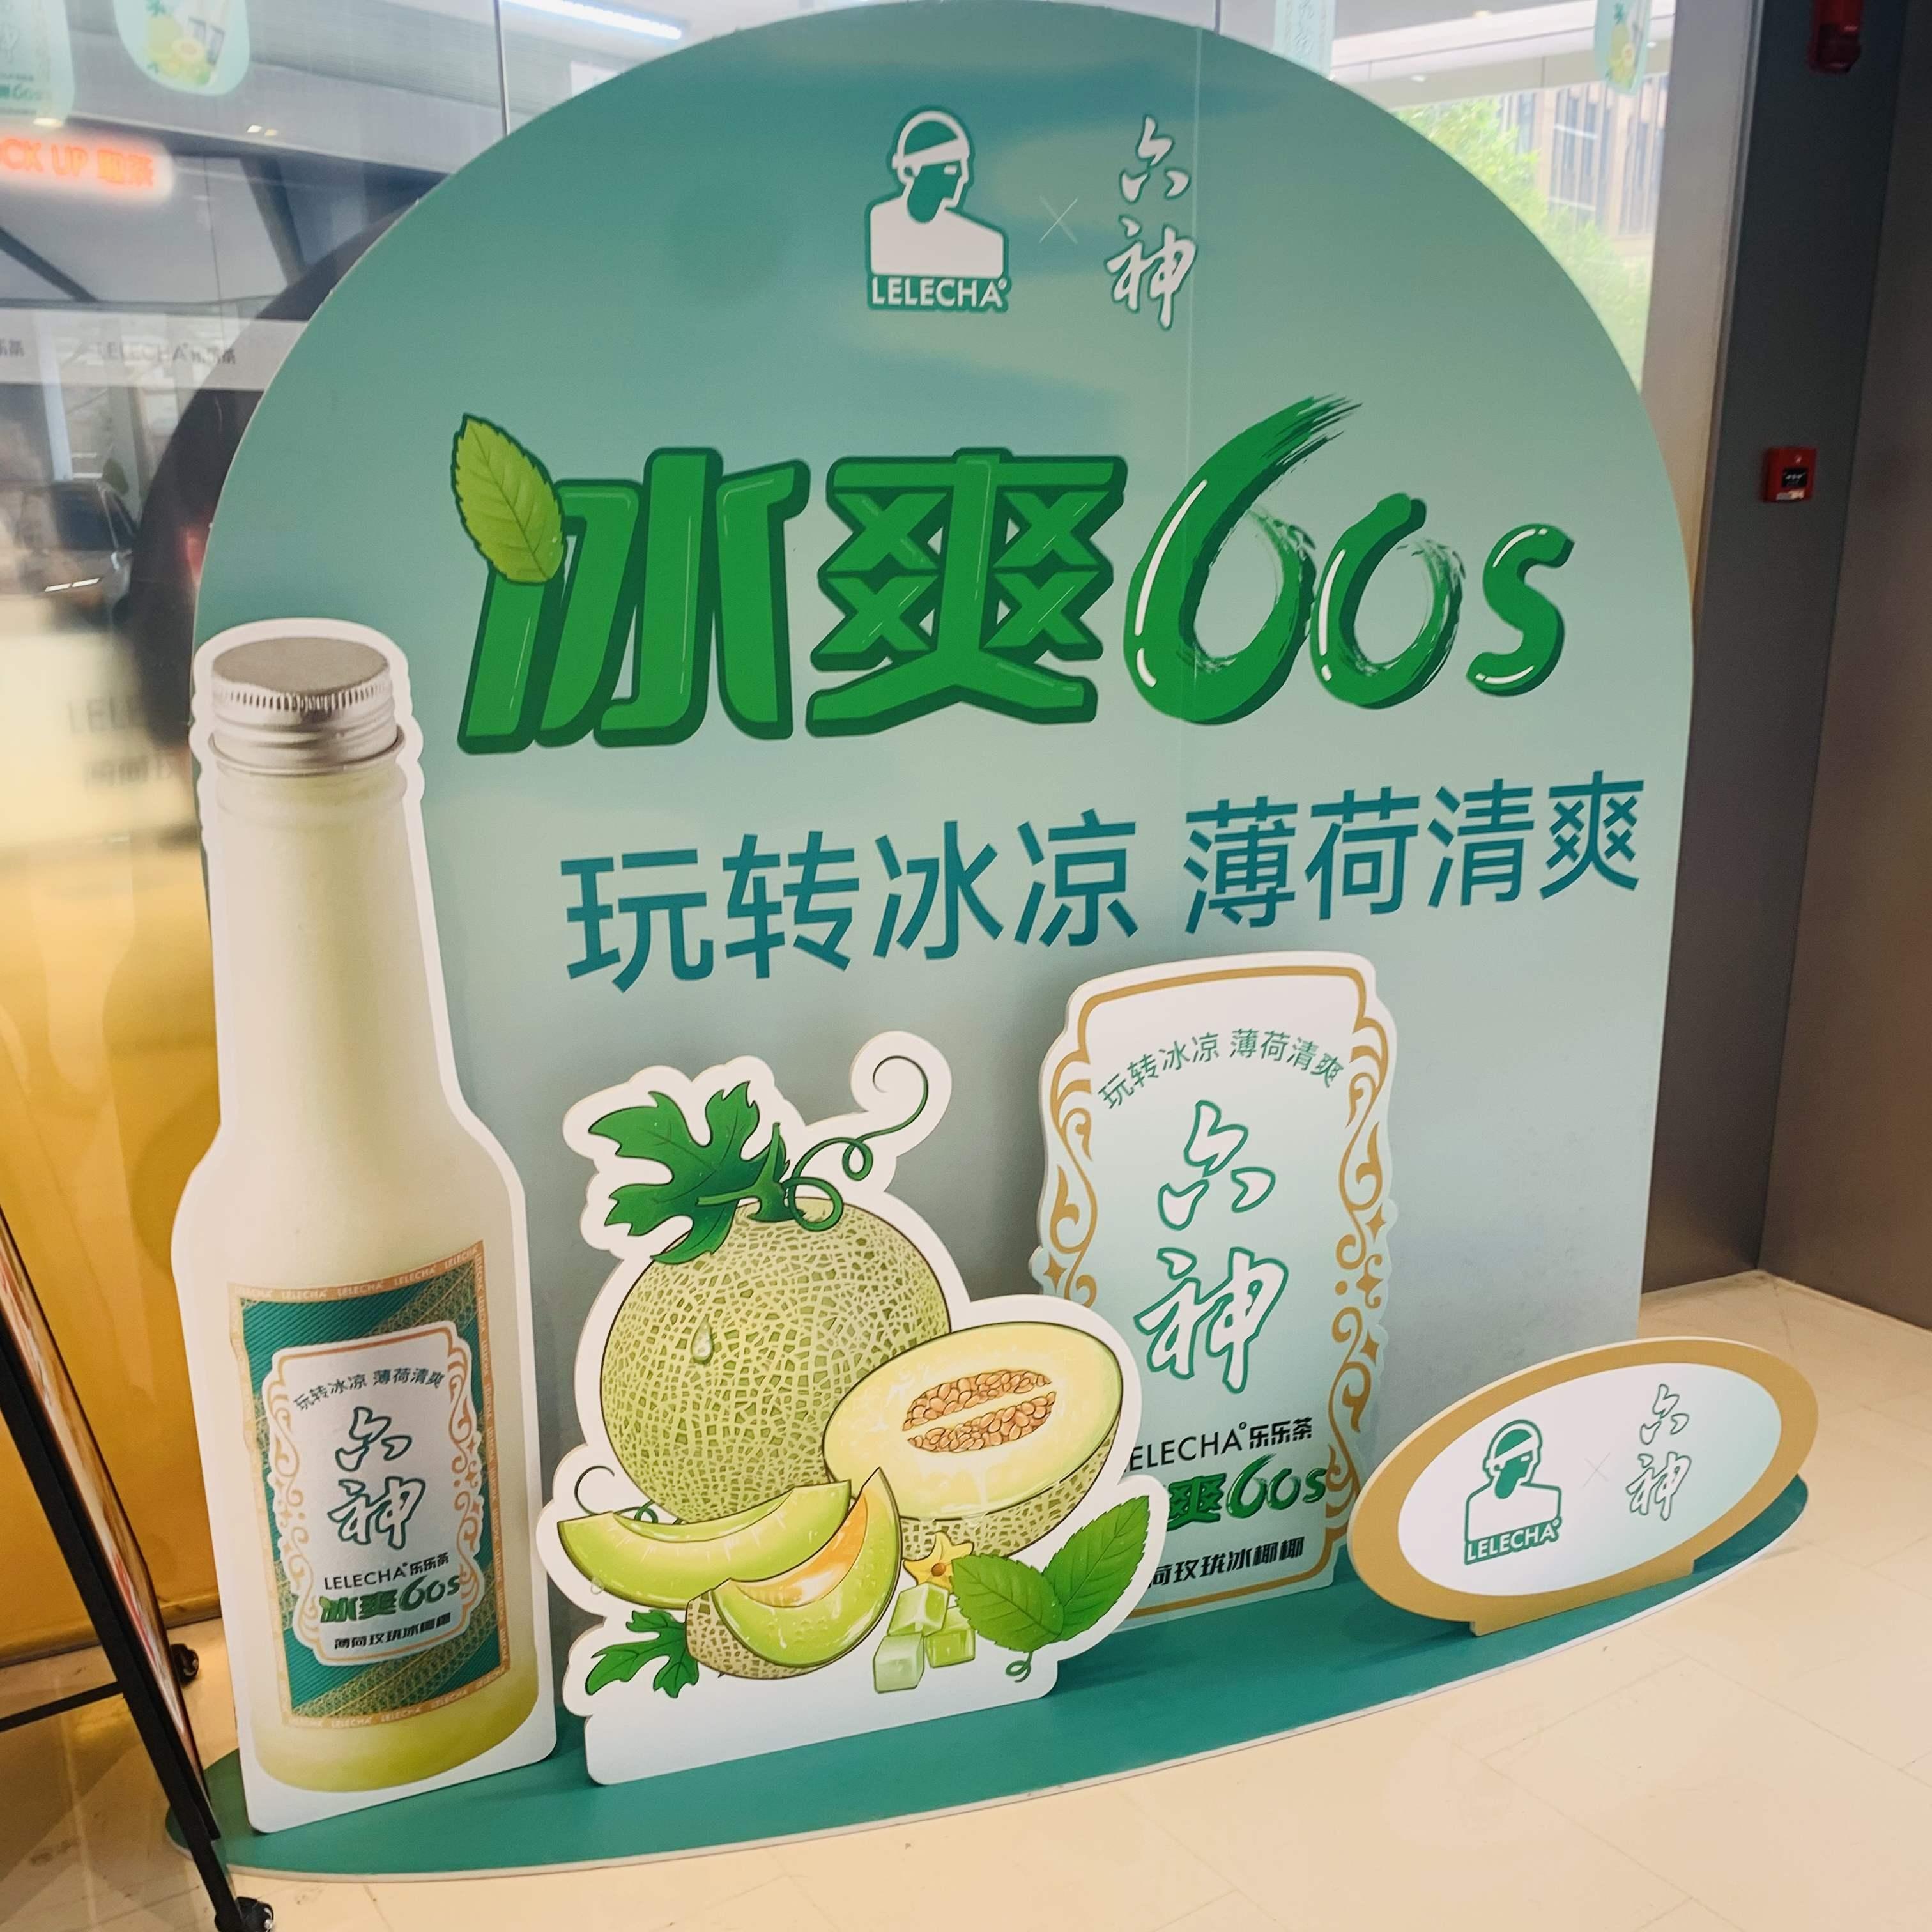 乐乐茶放置在静安大悦城门店的联名宣传品